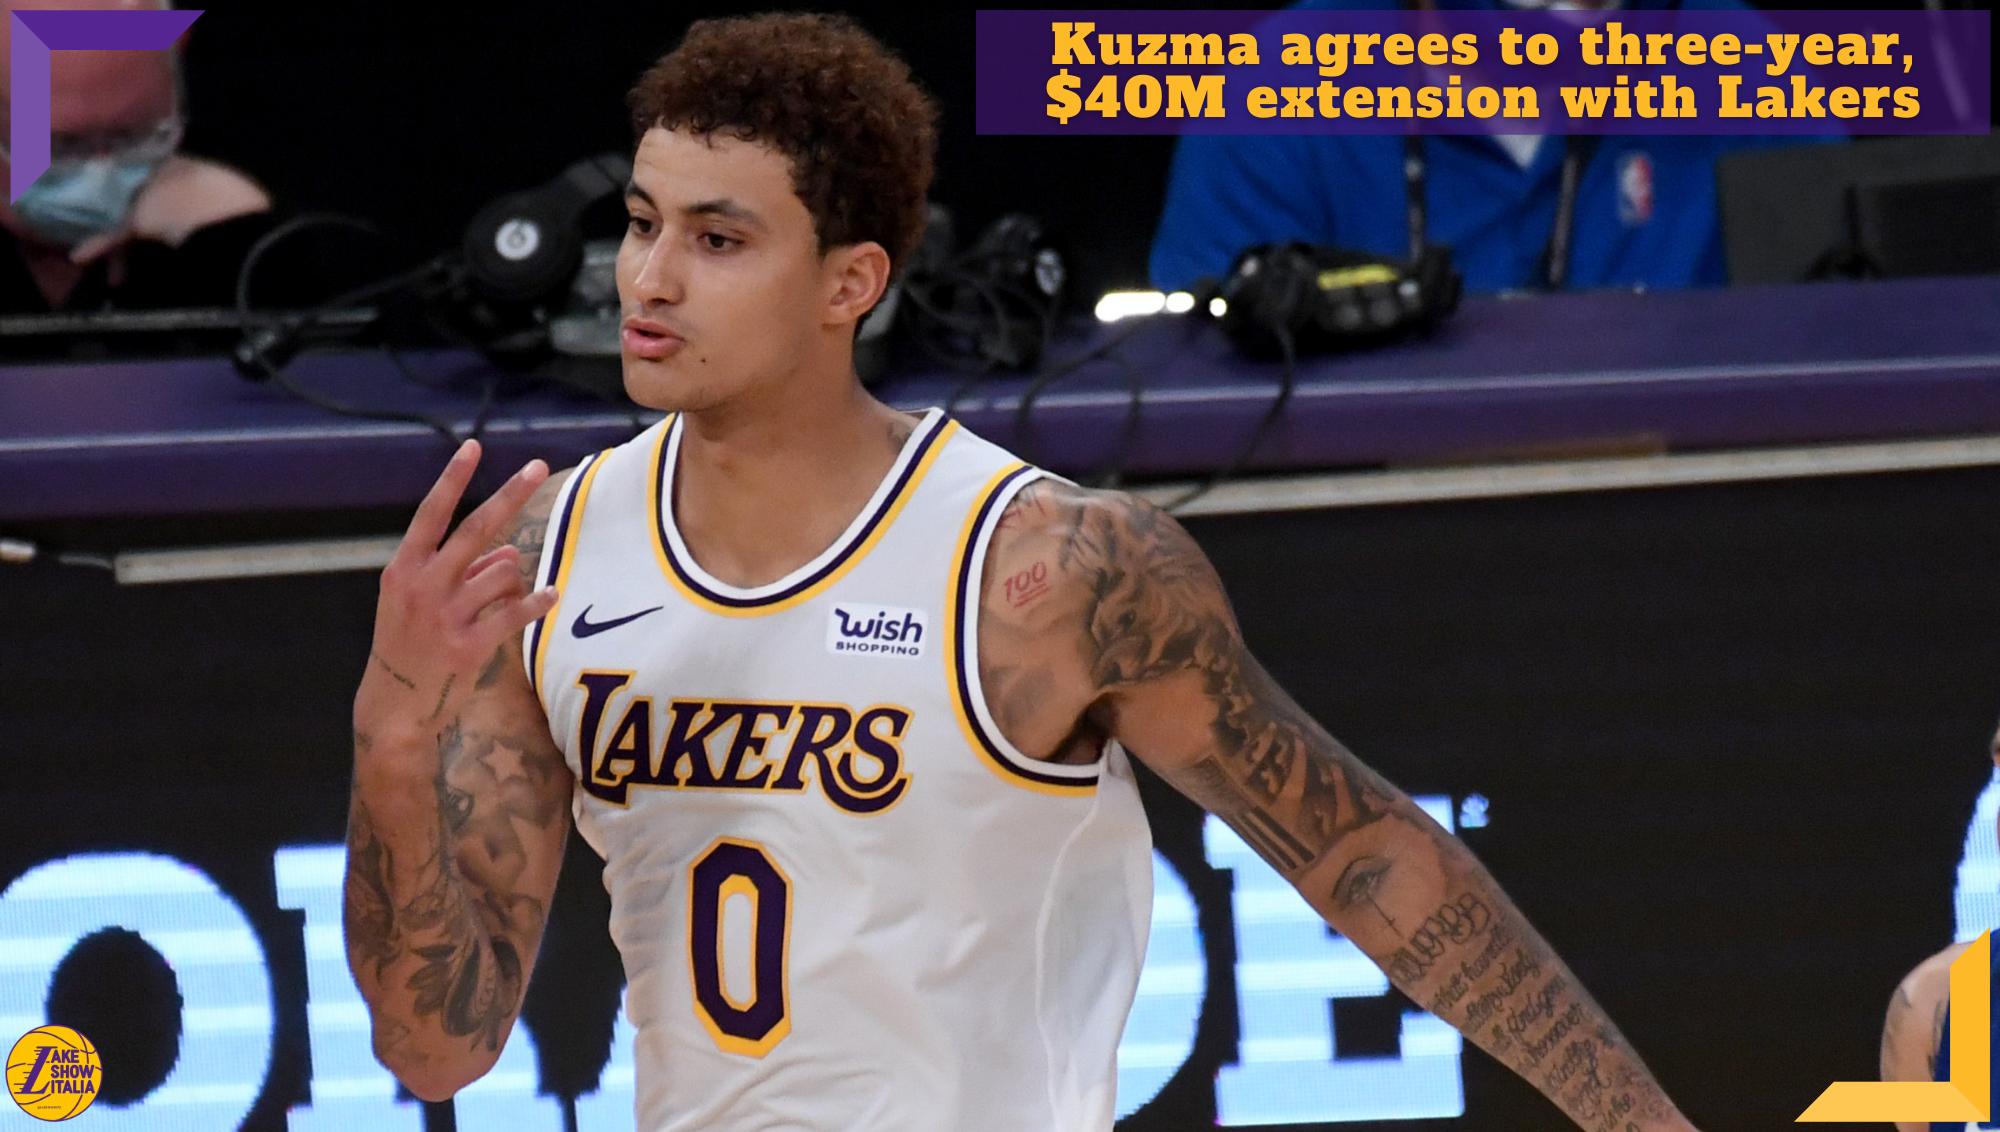 Kyle Kuzma ha accettato l'estensione triennale da 40 milioni di dollari offerta dei Los Angeles Lakers